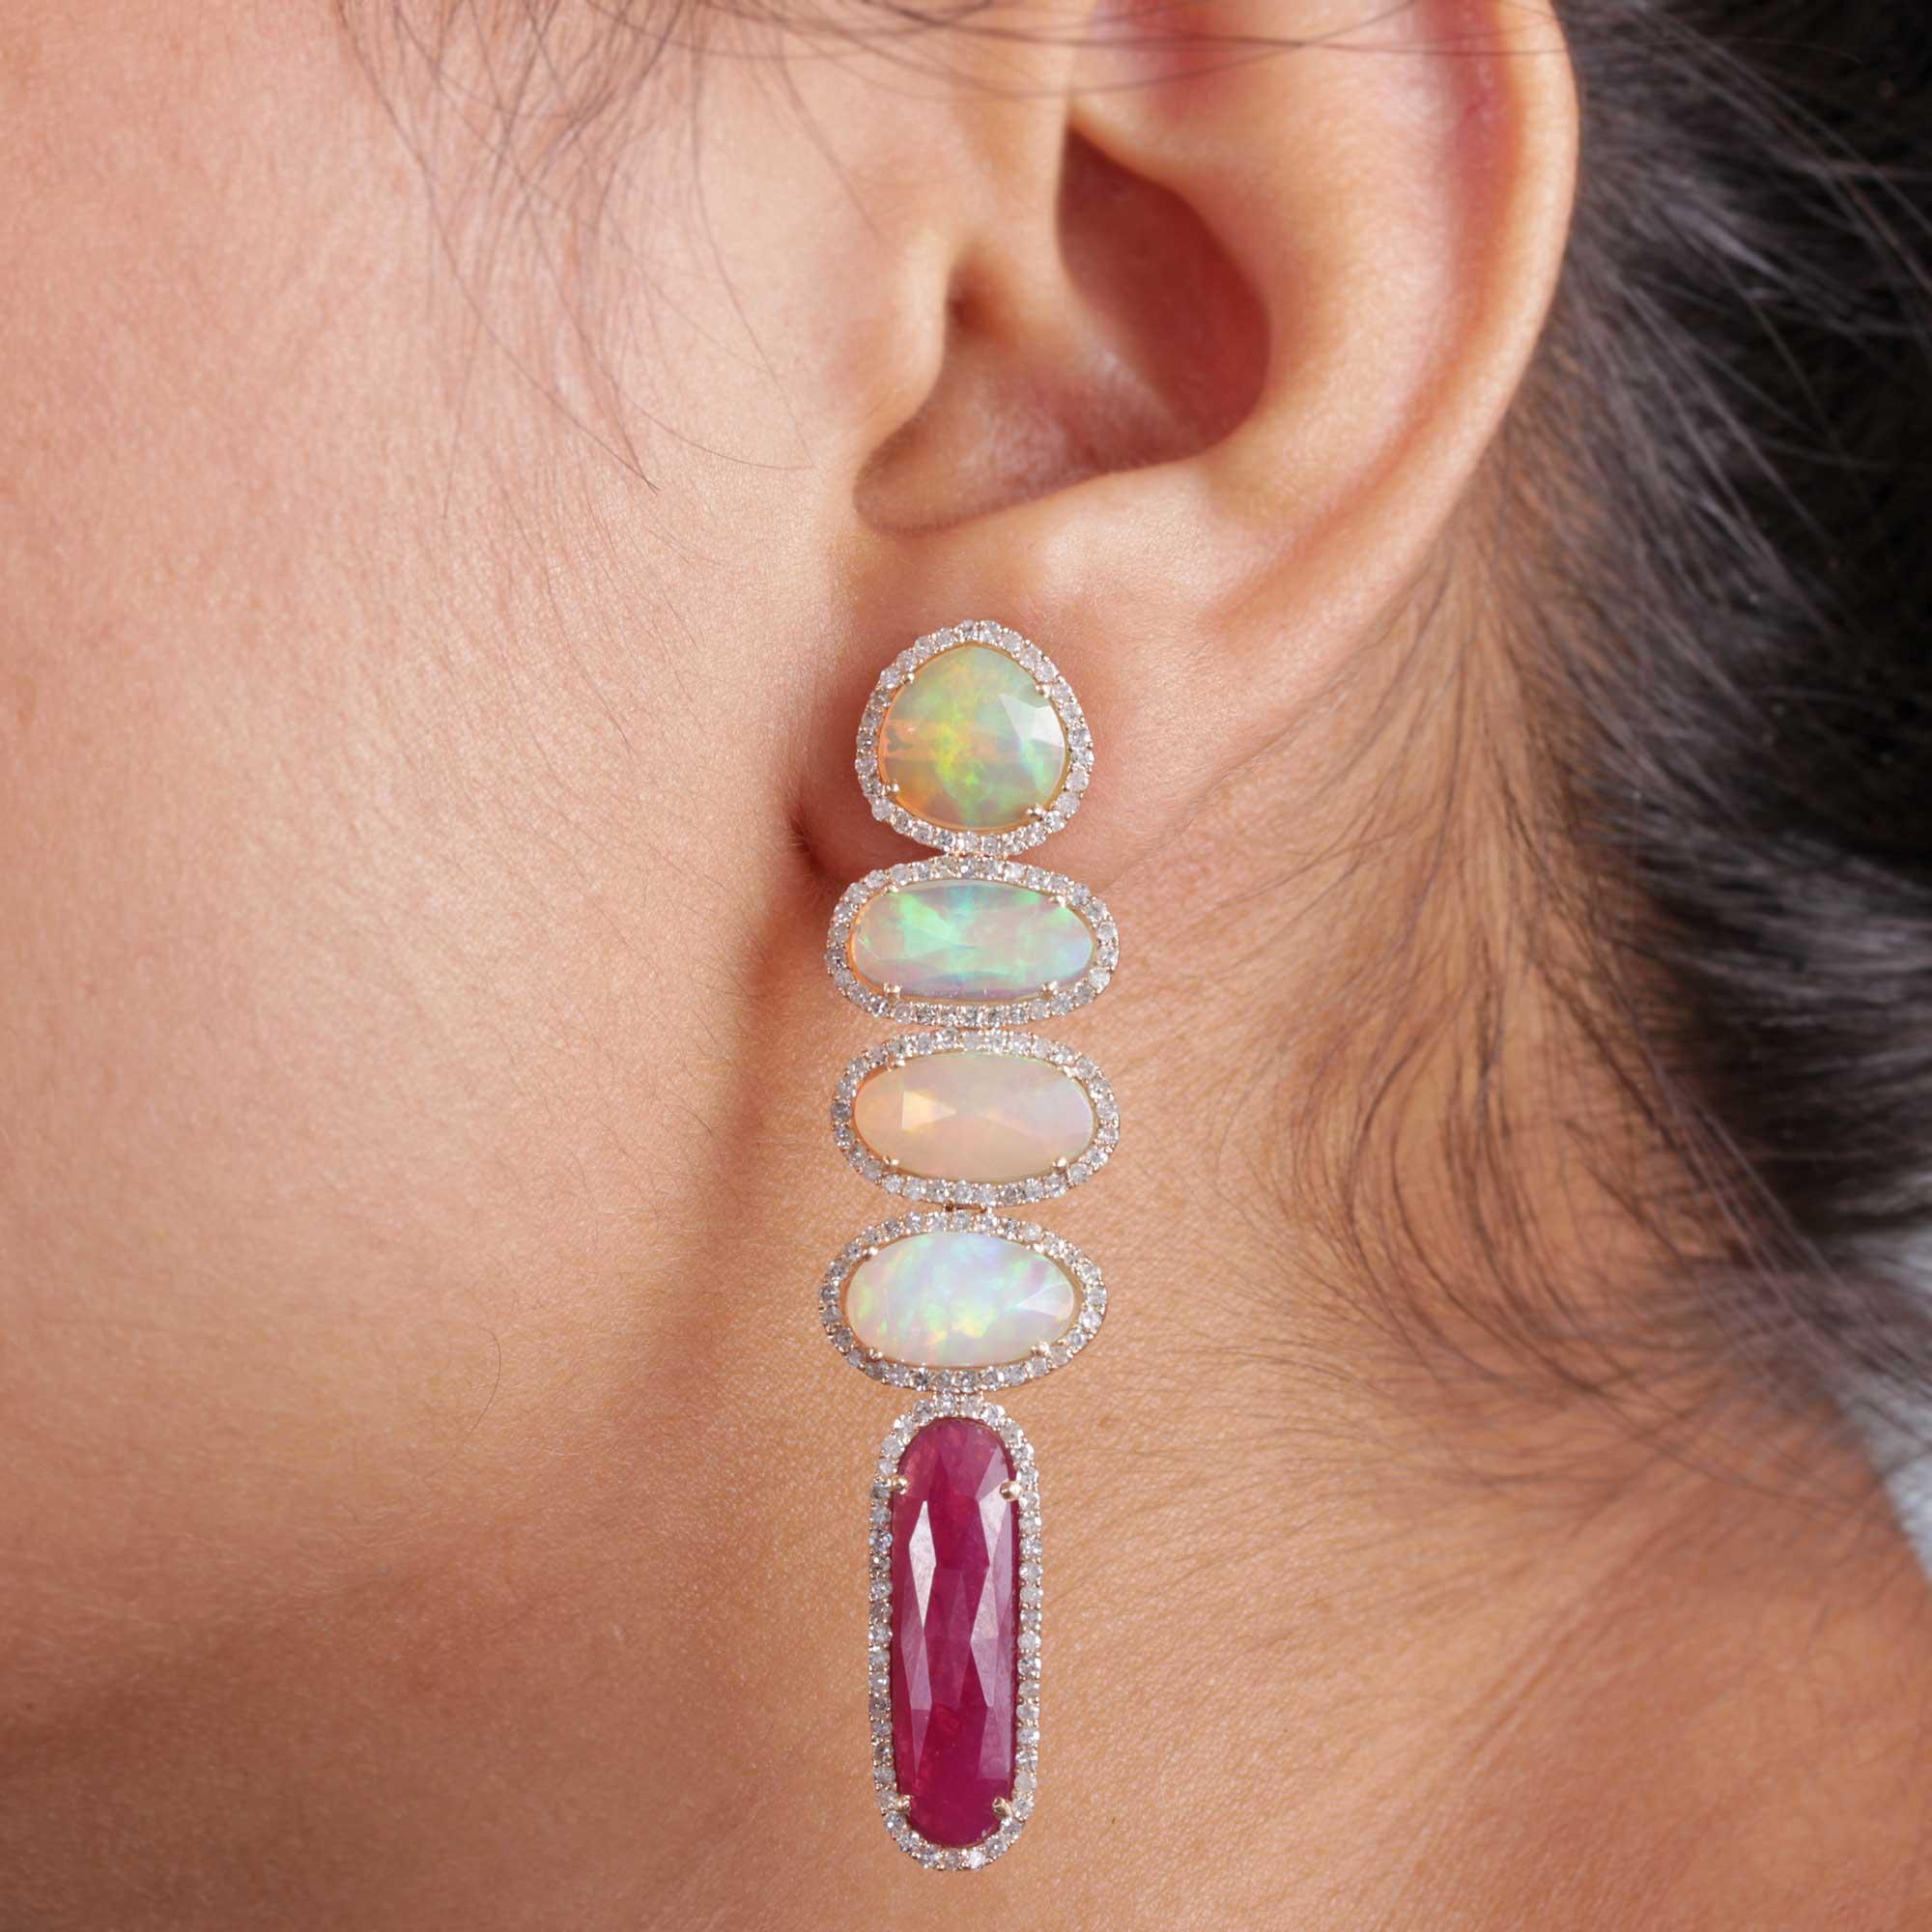 Opal Ruby 14k Solid Gold Dangle Earrings Pave Diamond Fine Jewelry